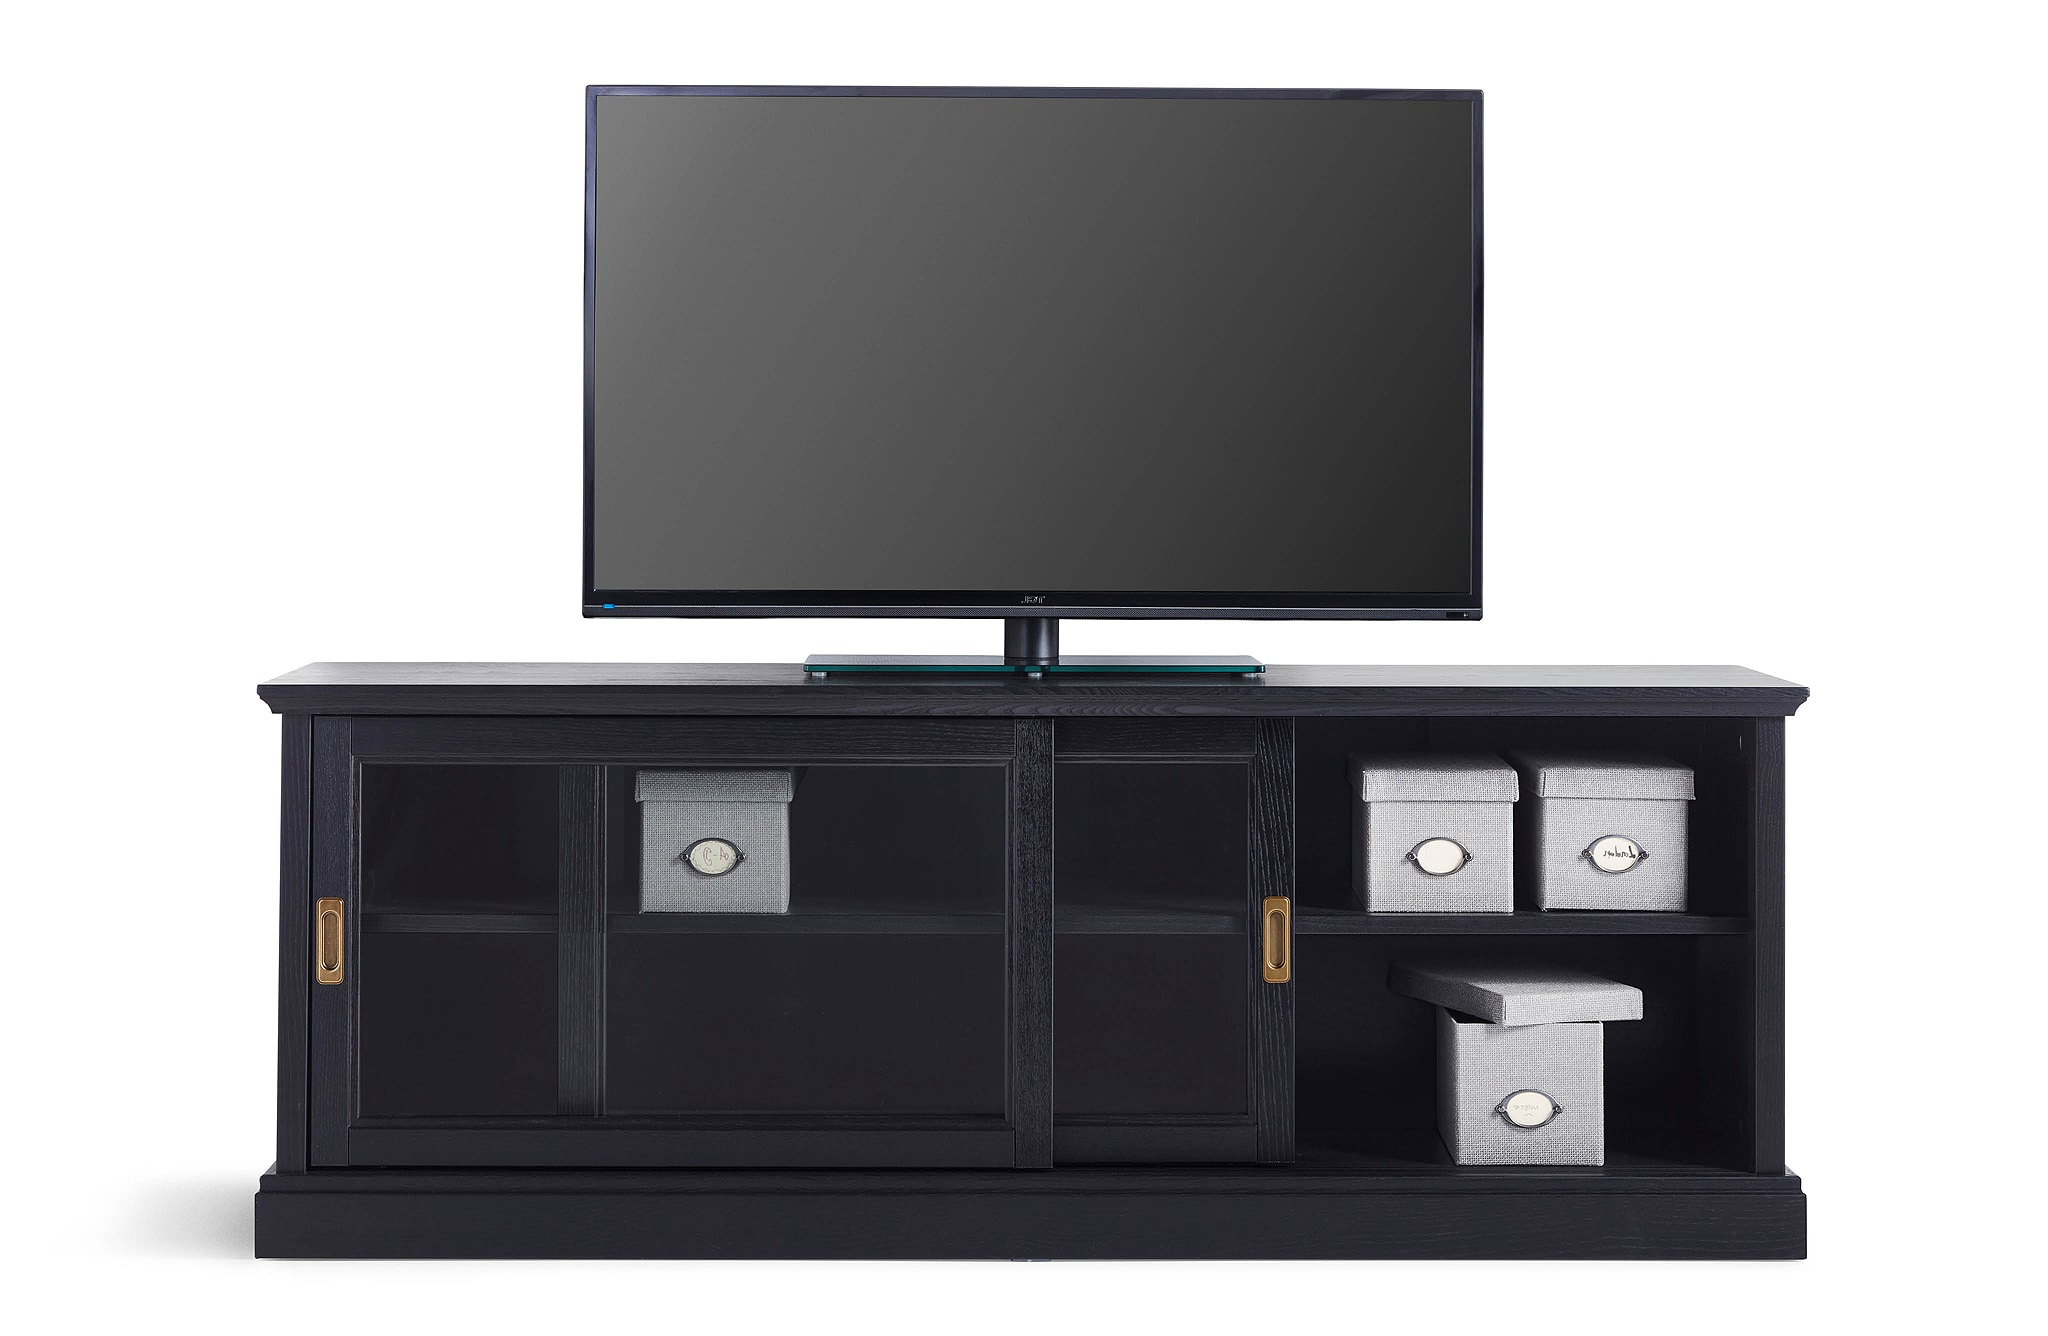 Mueble Televisor Rldj Muebles De Tv Y Muebles Para El Salà N Pra Online Ikea